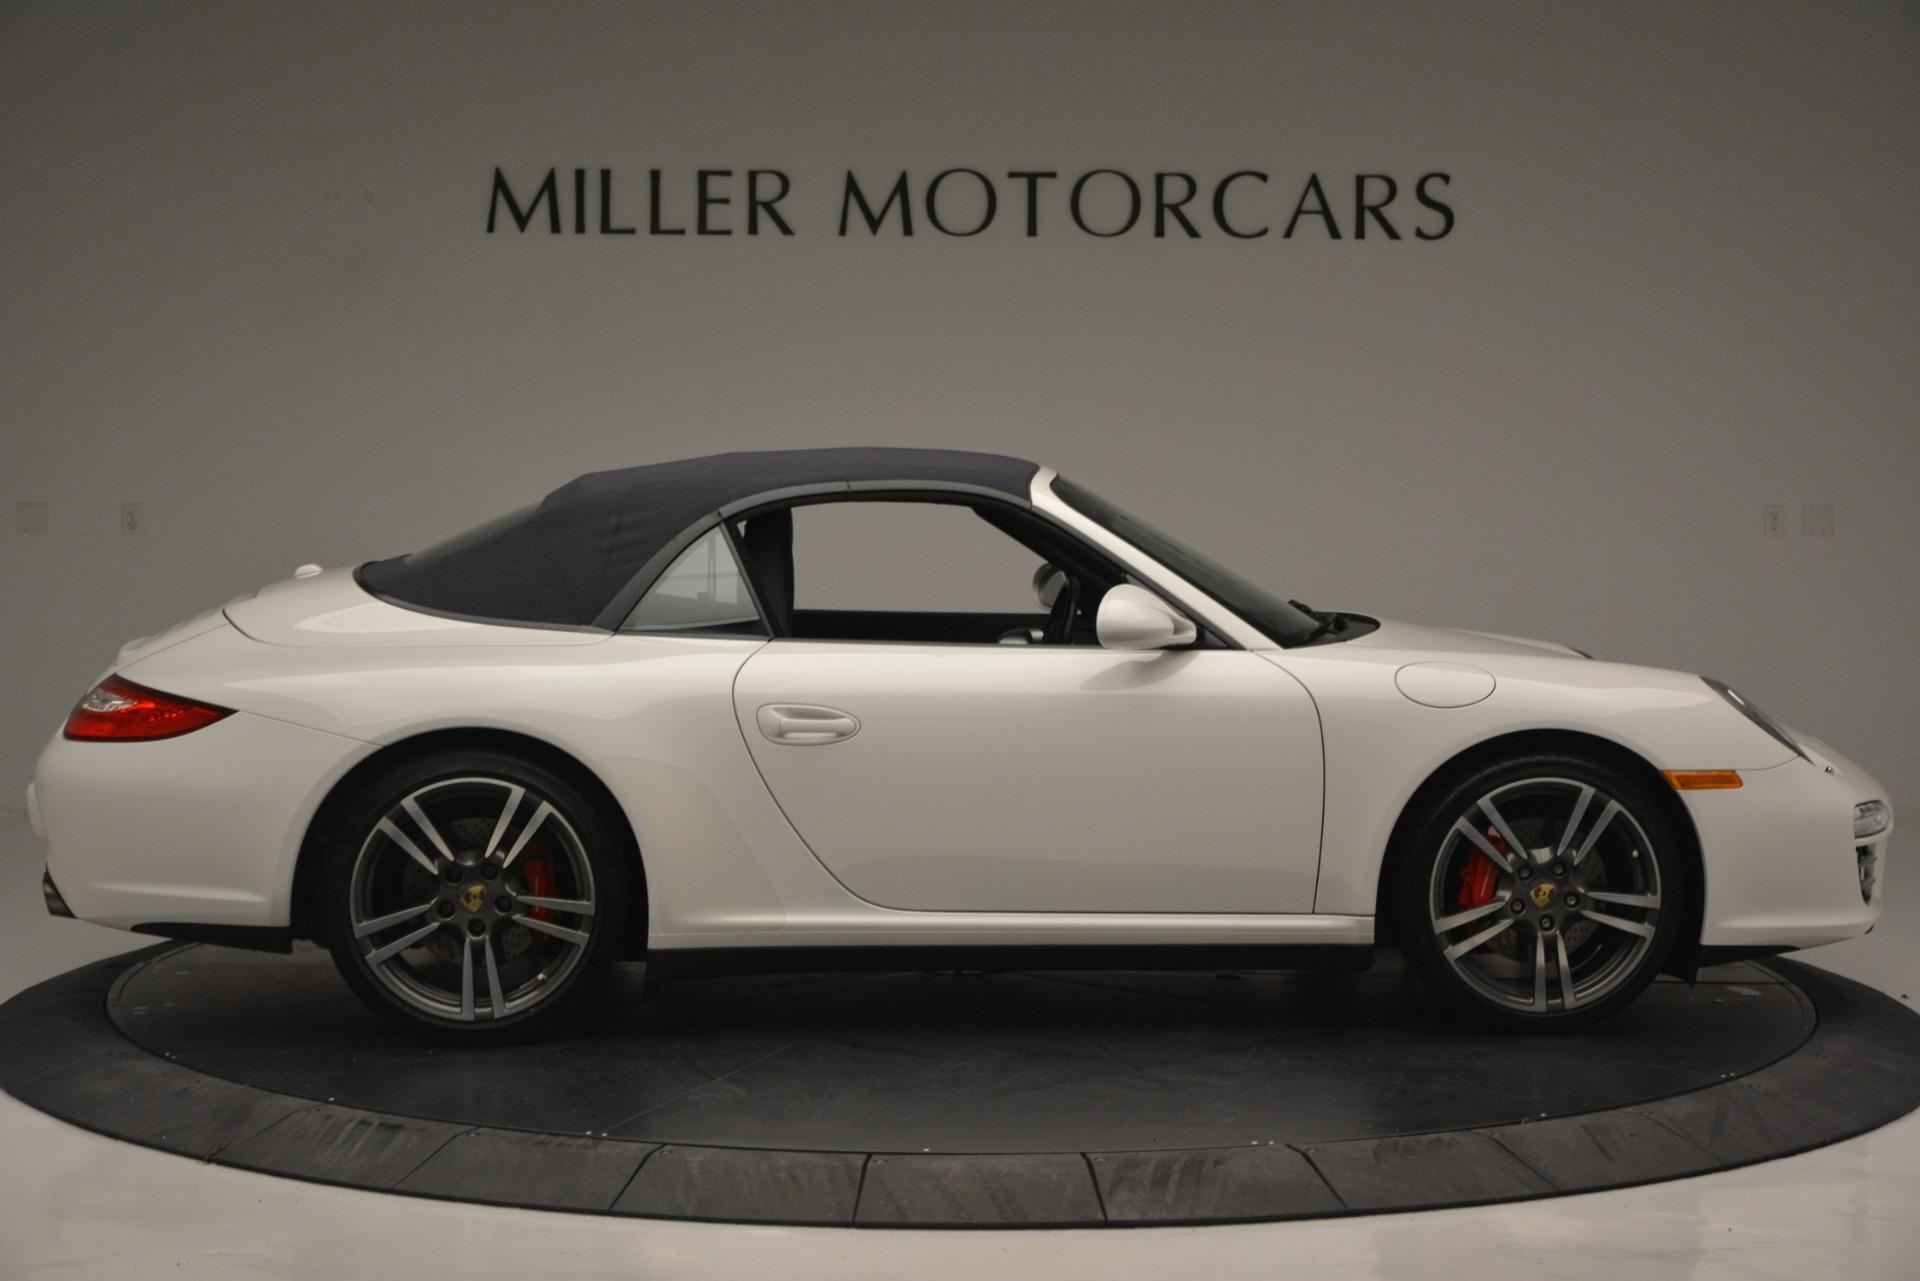 Used 2011 Porsche 911 Carrera 4S For Sale In Greenwich, CT 2600_p15